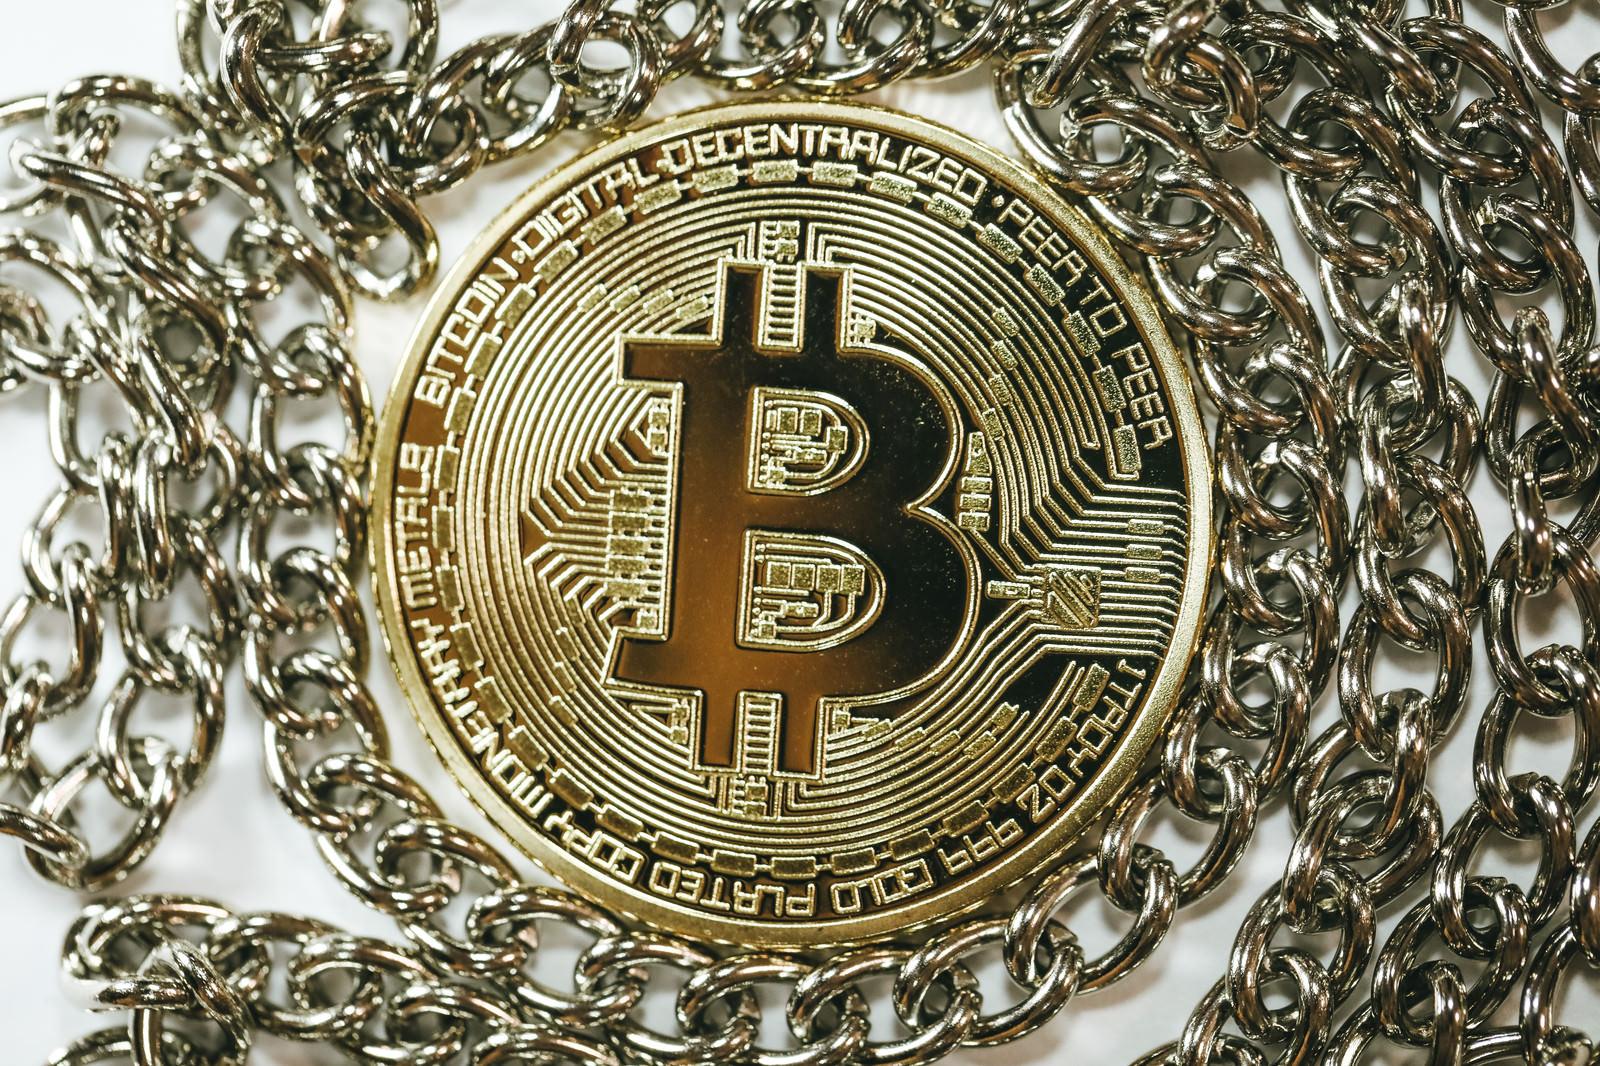 「チェーンの中心にあるビットコイン(仮想通貨)」の写真